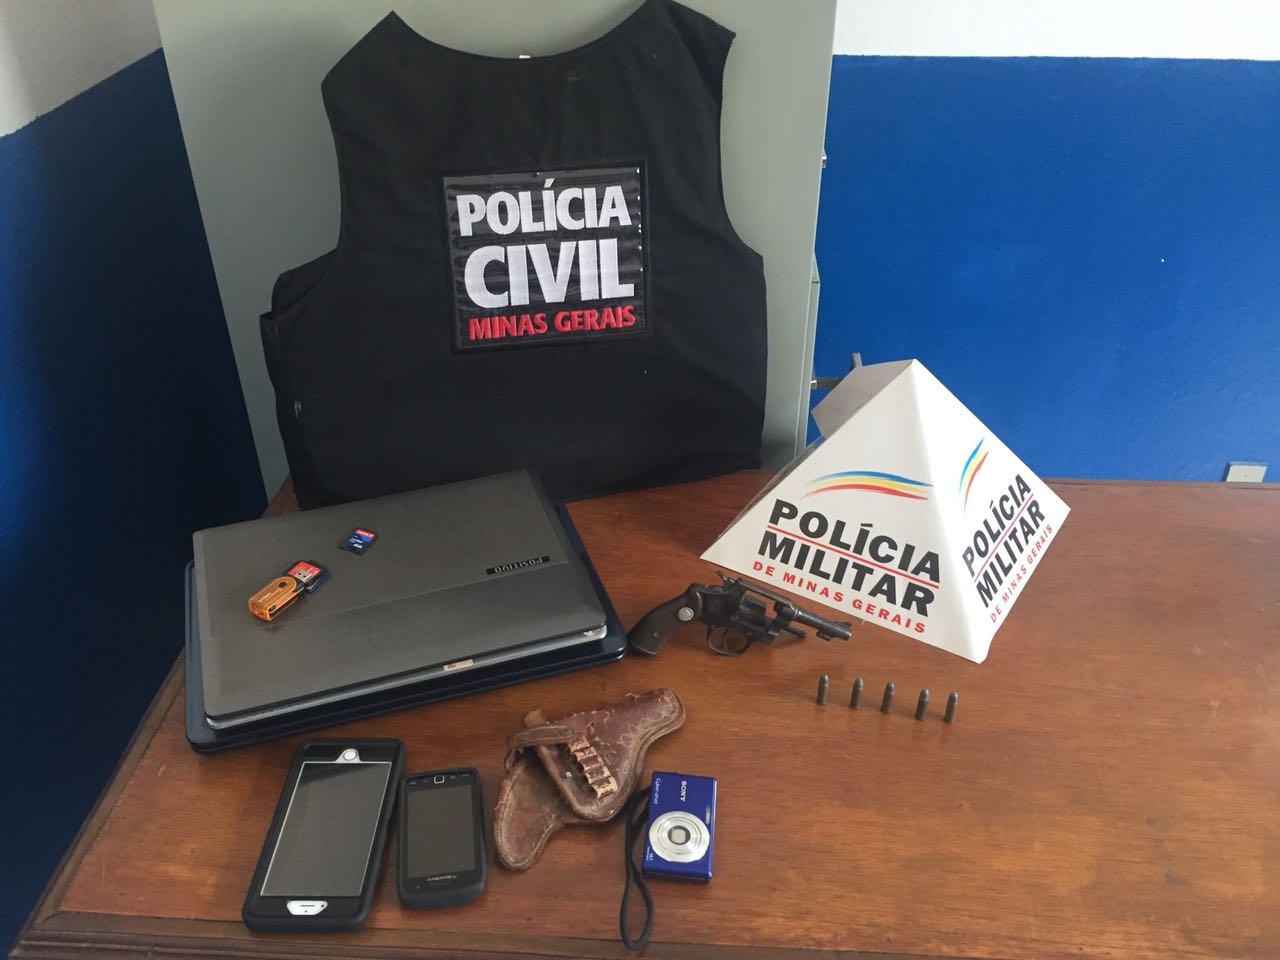 Operação Conjunta Polícia Militar e Polícia Civil em Divino das Laranjeiras